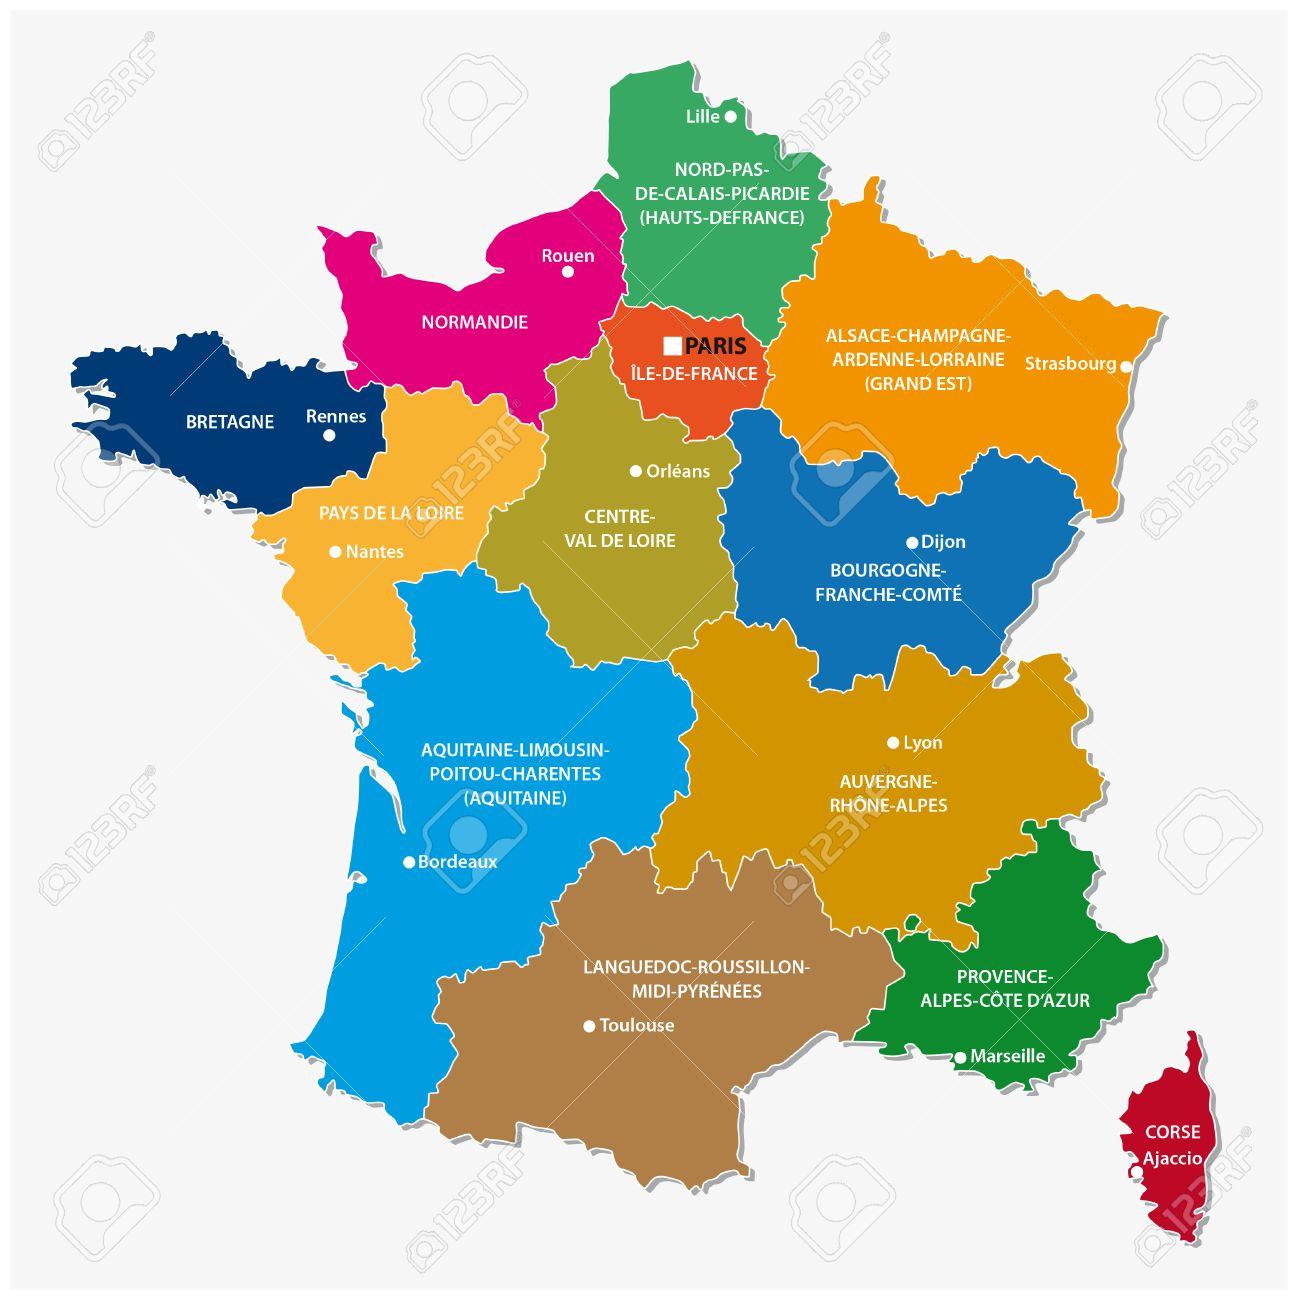 Les Nouvelles Regions De France Depuis La Carte Clip Art Libres De Droits Vecteurs Et Illustration Image 54114572